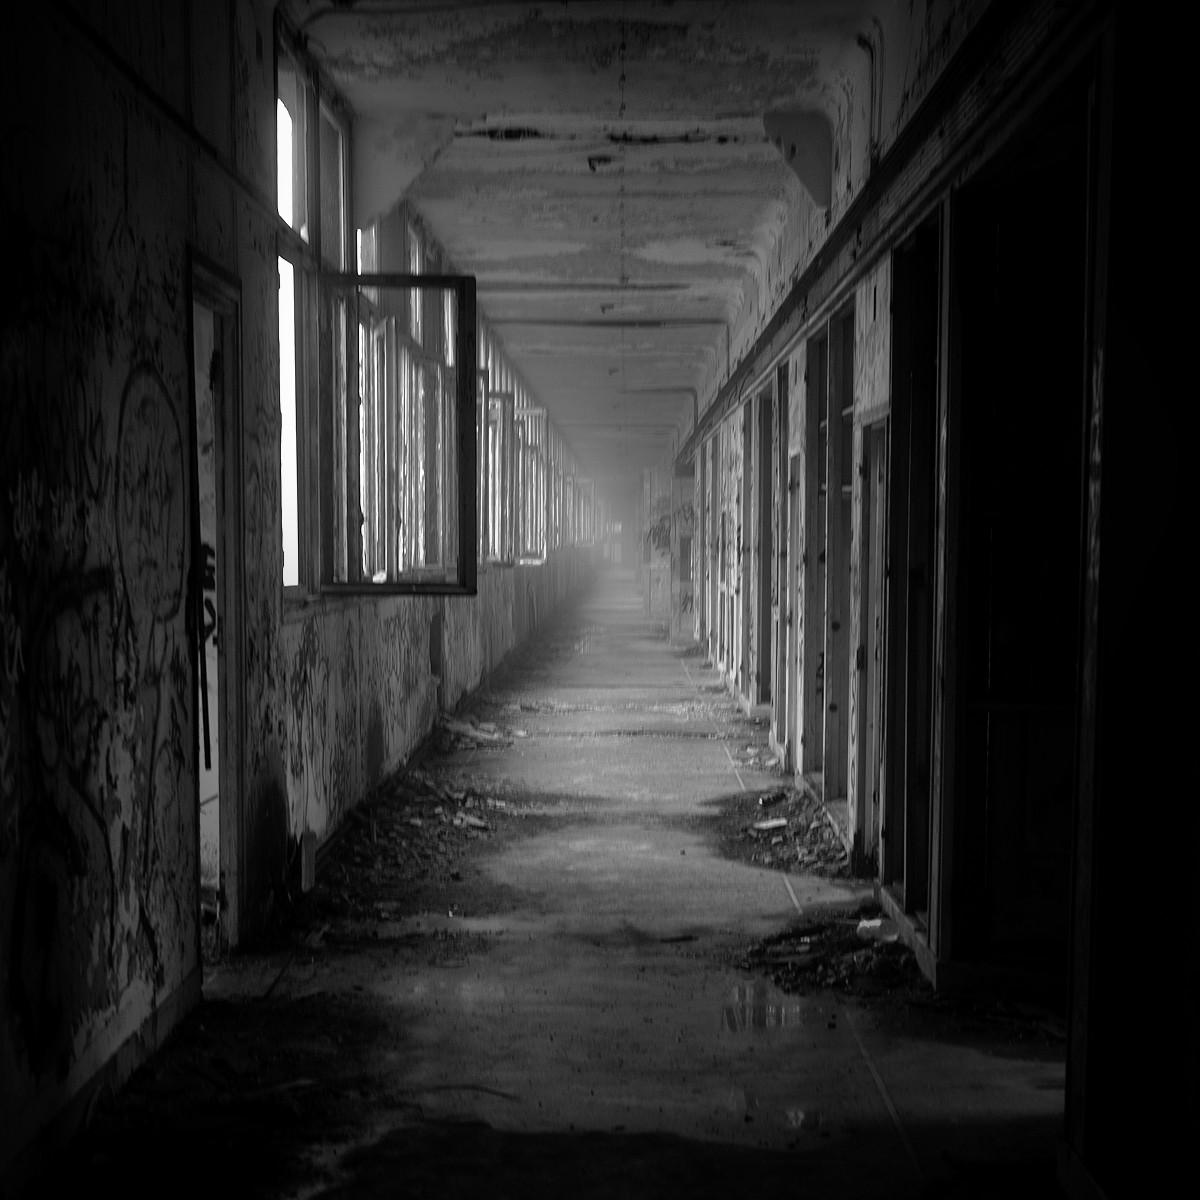 Attention, tout accès à des bâtiments abandonnés est très dangereux et souvent interdit !